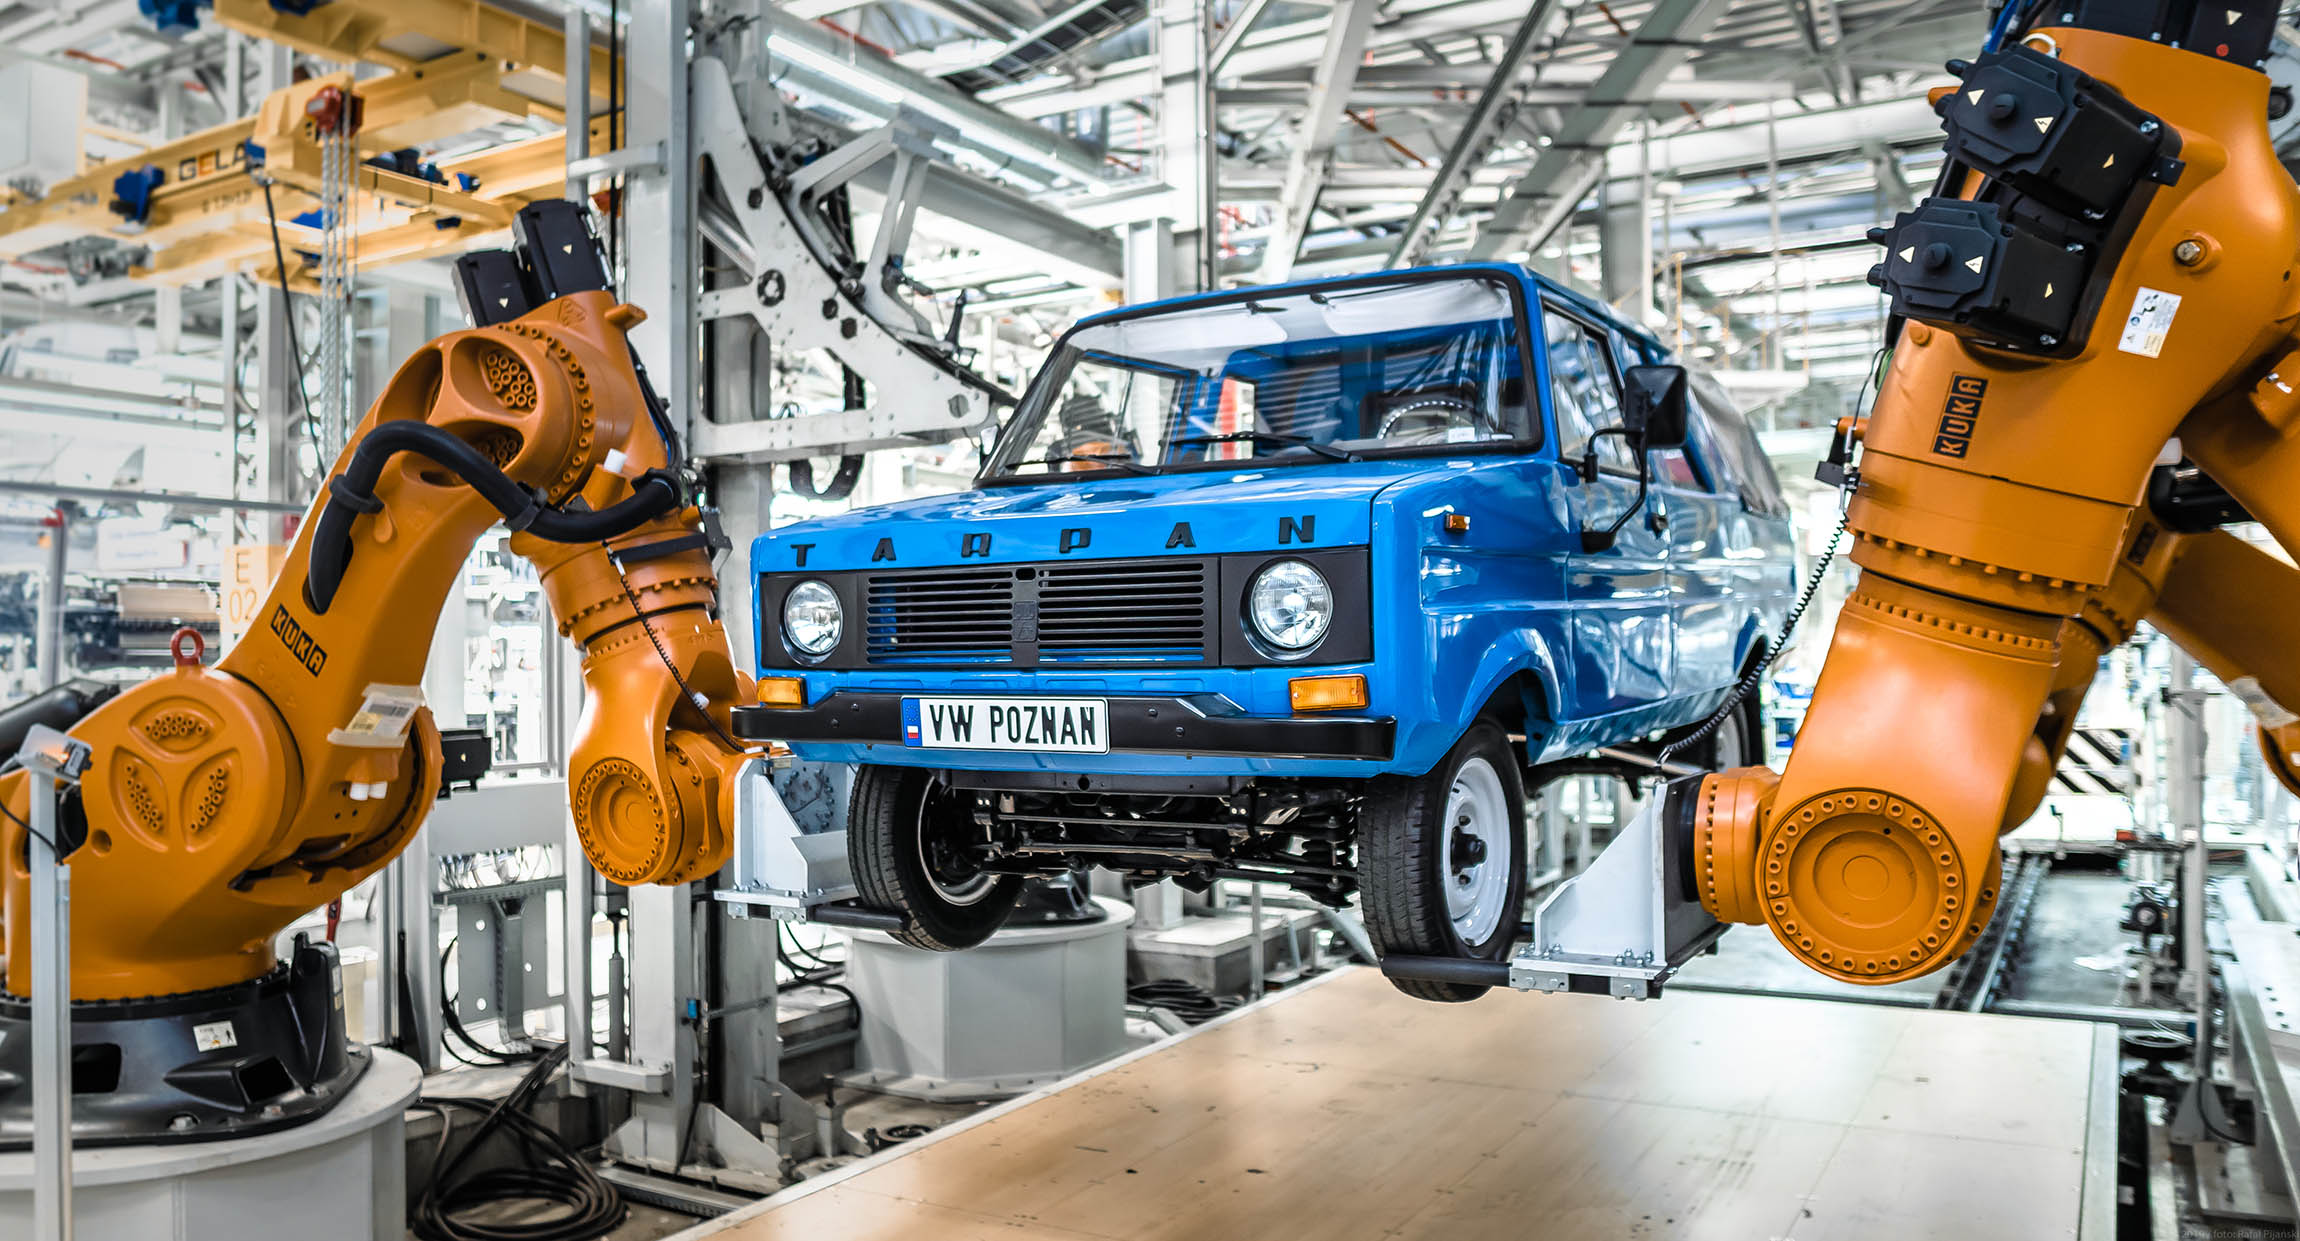 Tarpan w fabryce Volkswagena-02591  Foto: KINETIK  / materiały prasowe VW Poznań